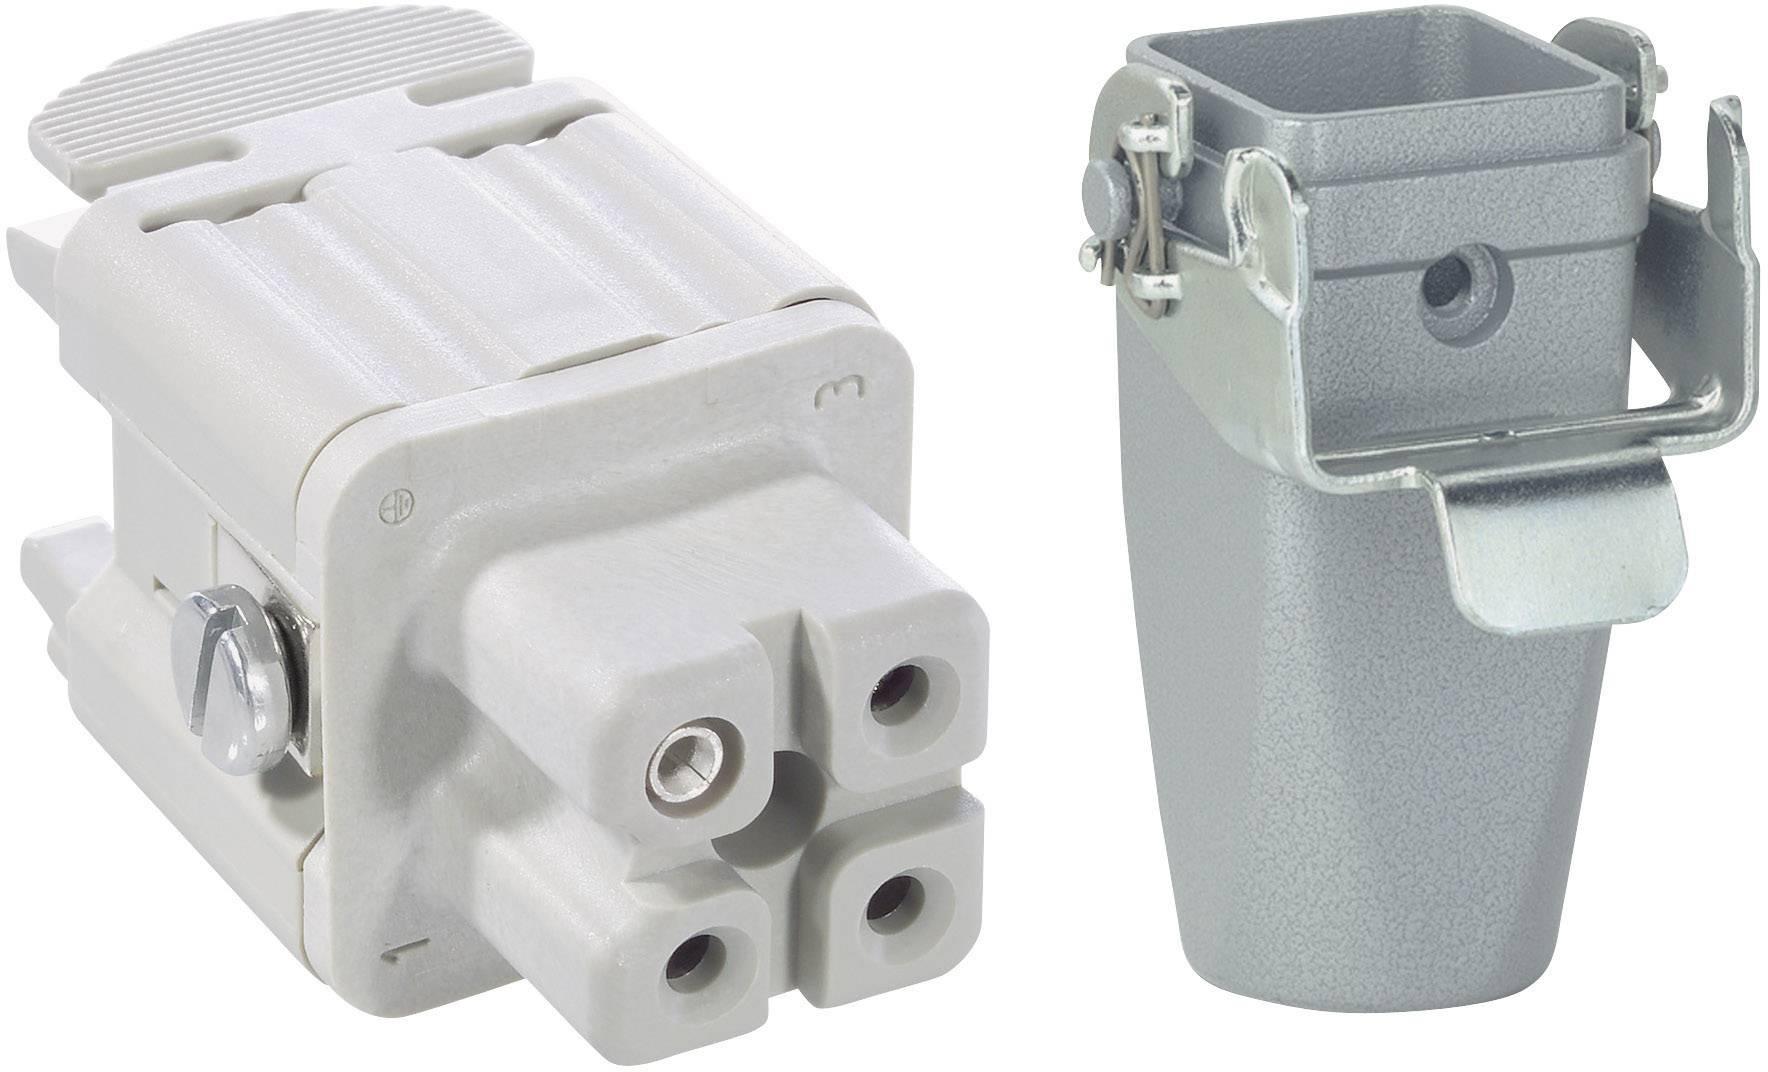 Sada konektorů EPIC®KIT H-A 3 75009612 LAPP 3 + PE šroubovací 1 sada